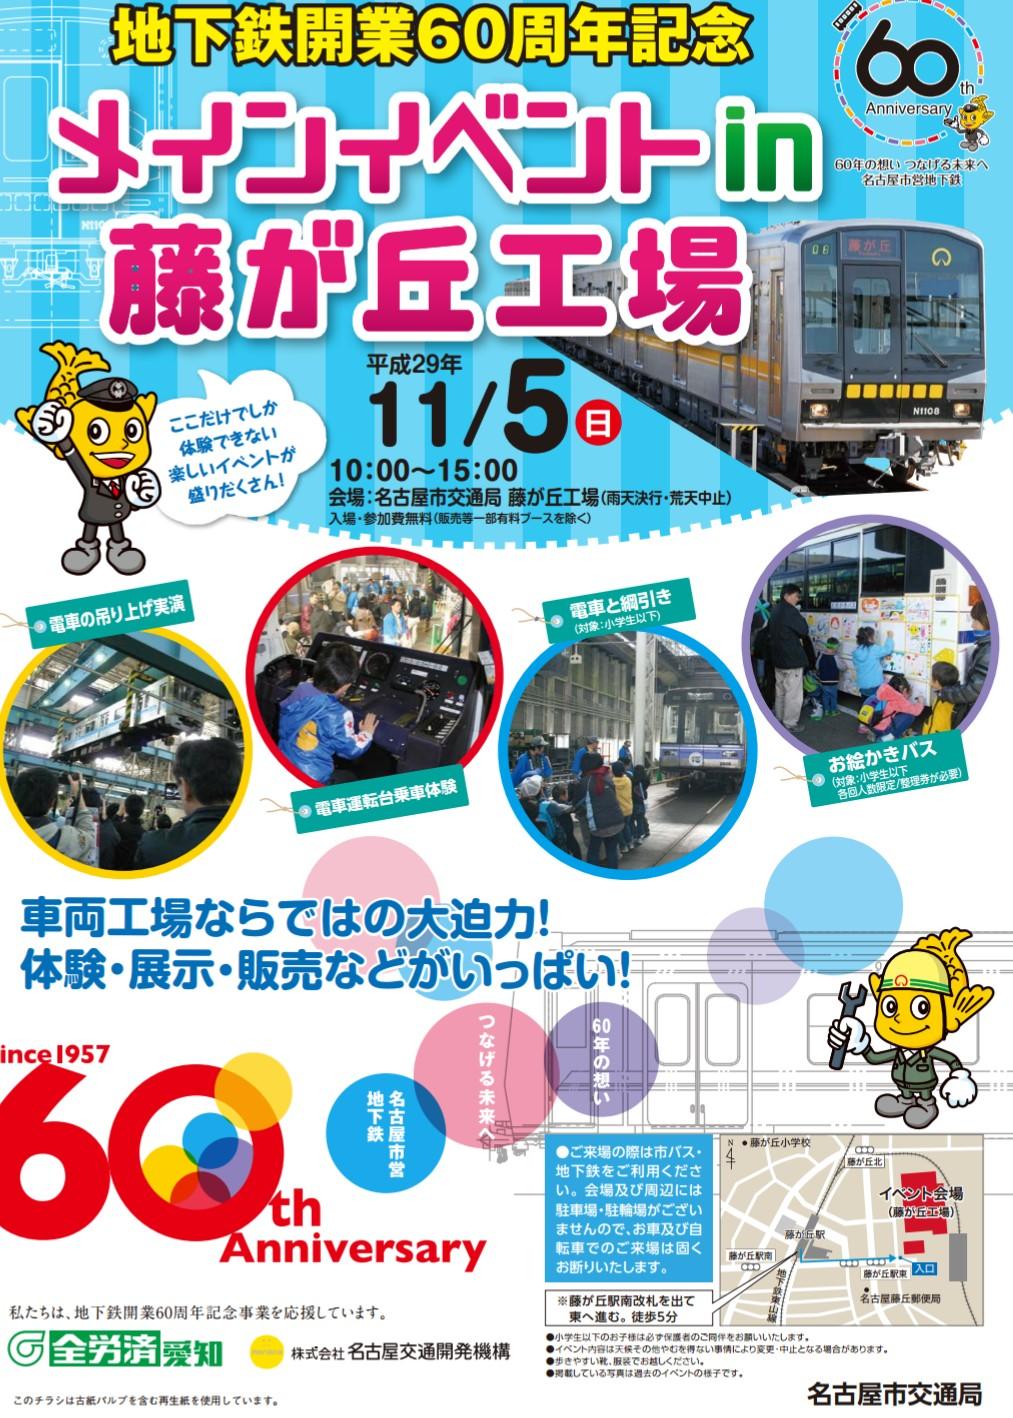 名古屋市交通局ミュージックトレインでの演奏ありがとうございました!_f0373339_12283932.jpg